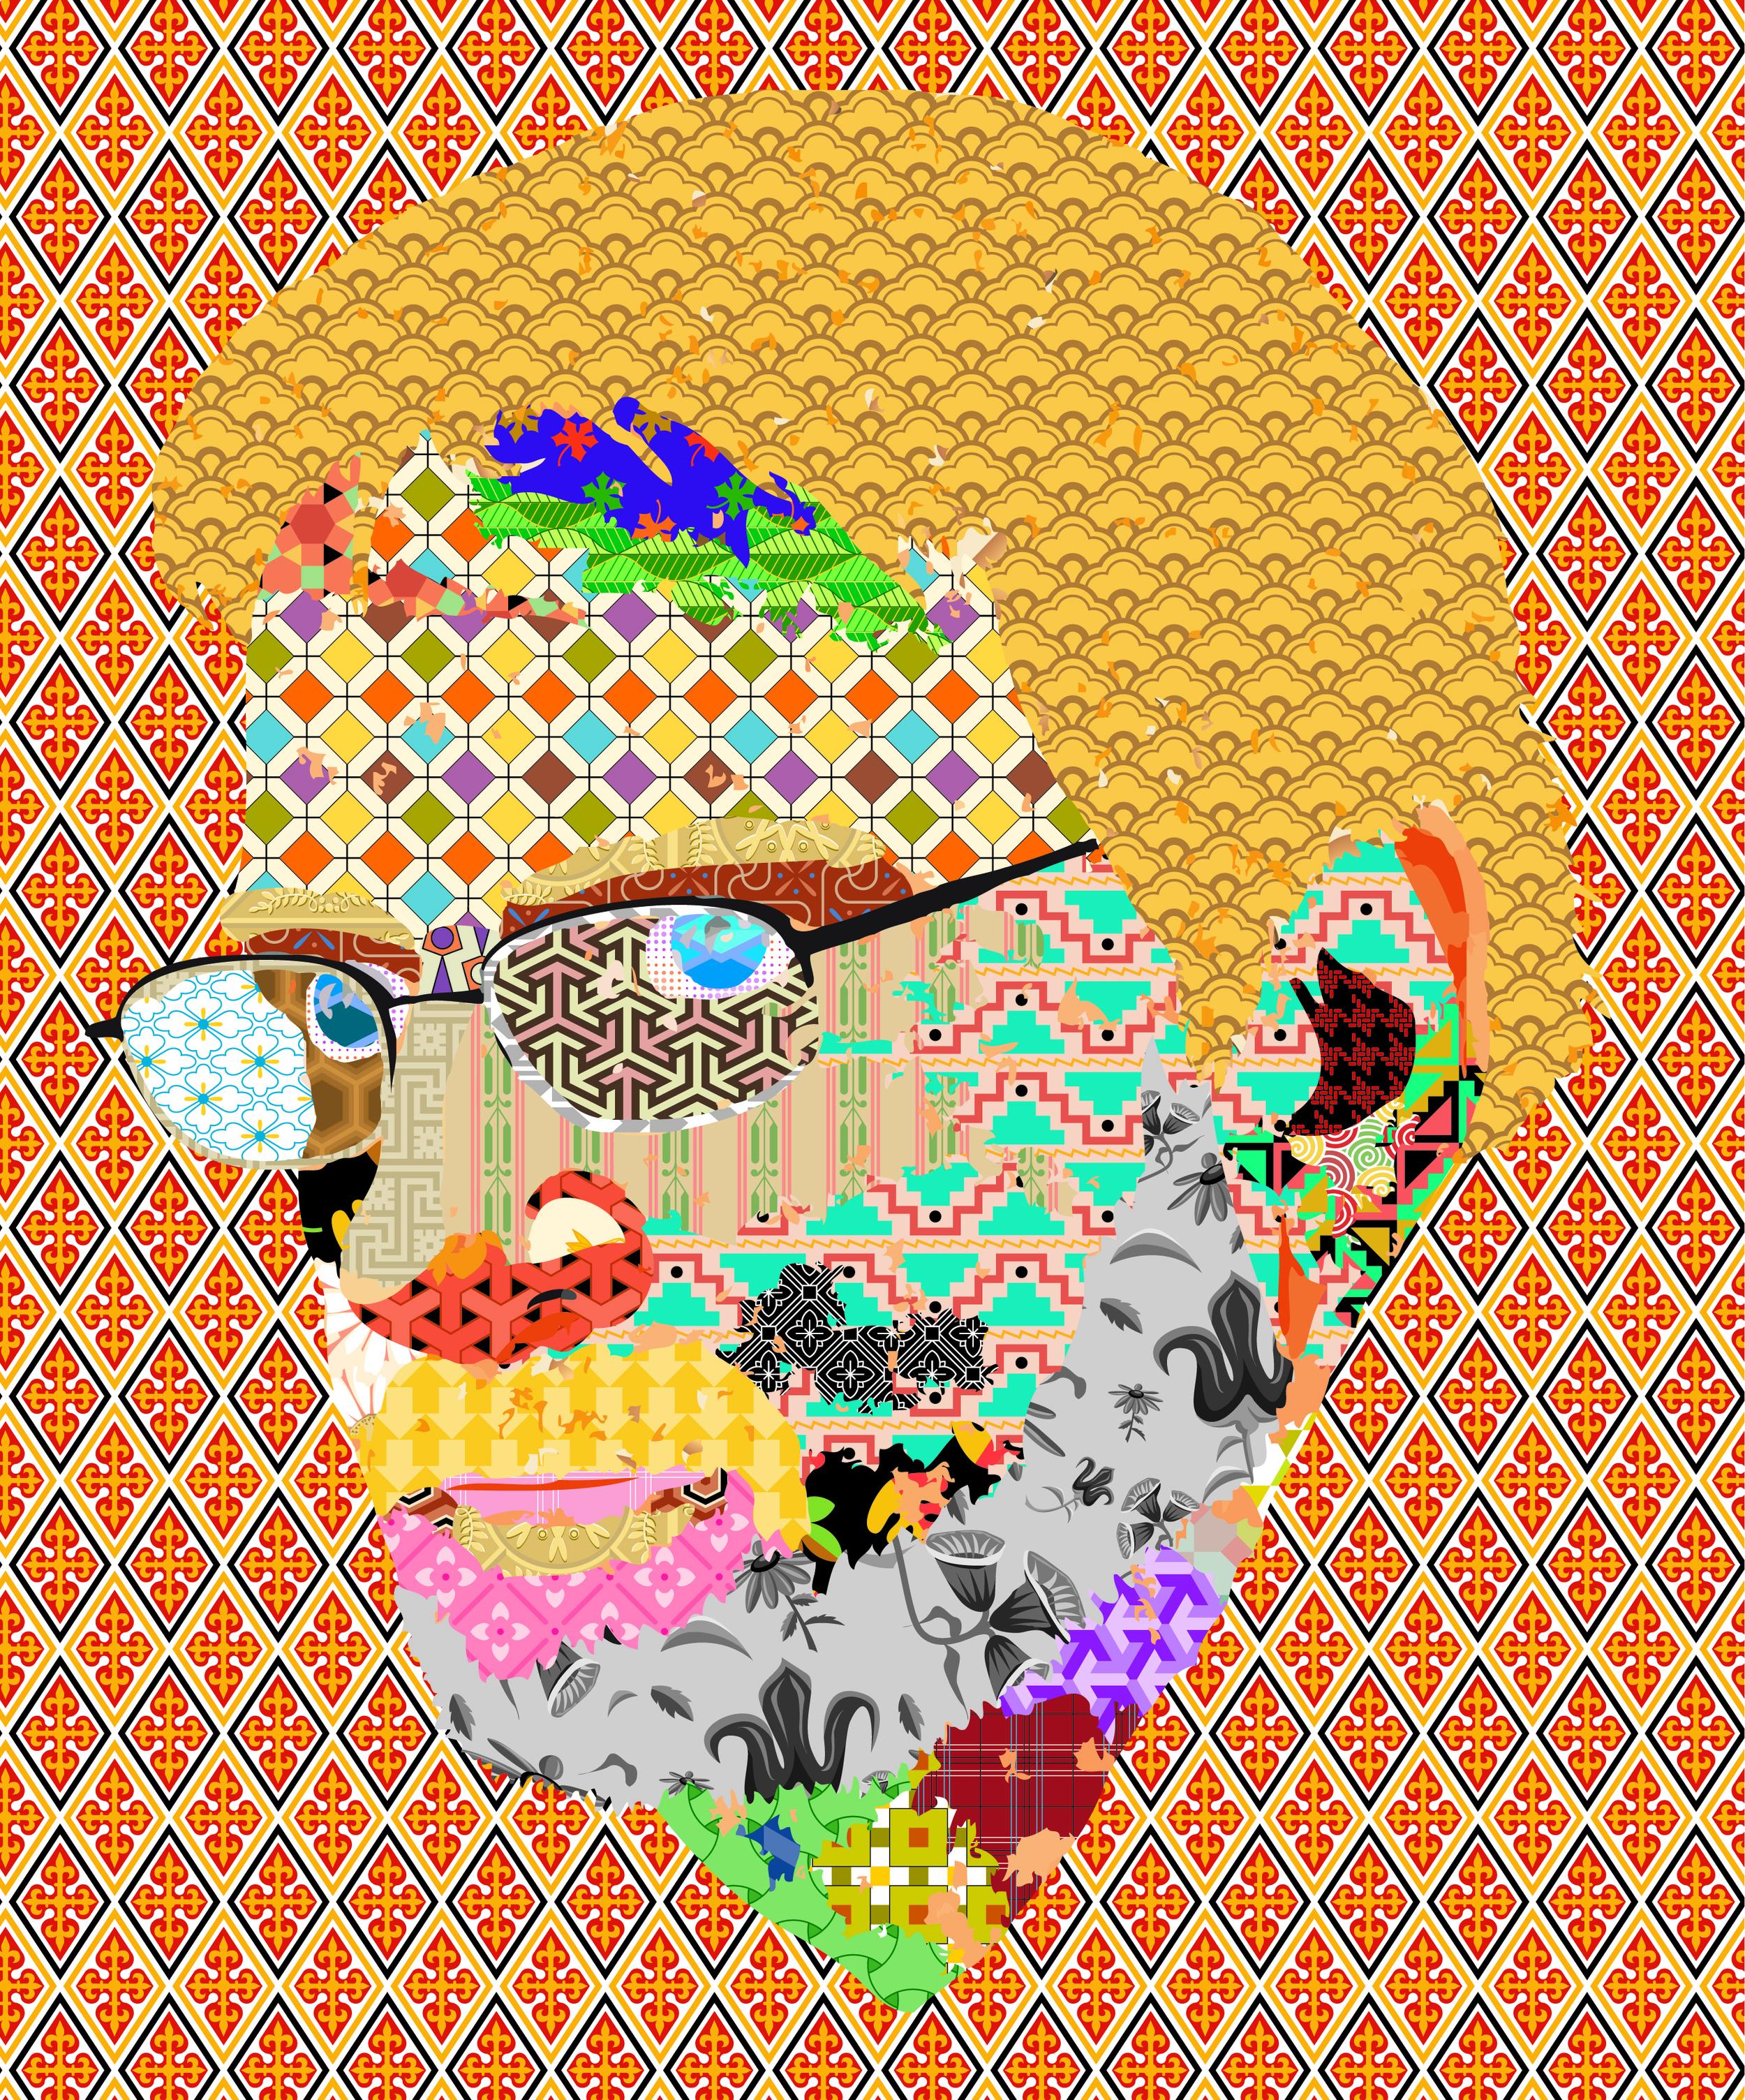 IMAGE 1 - Dad Patterns02.jpg